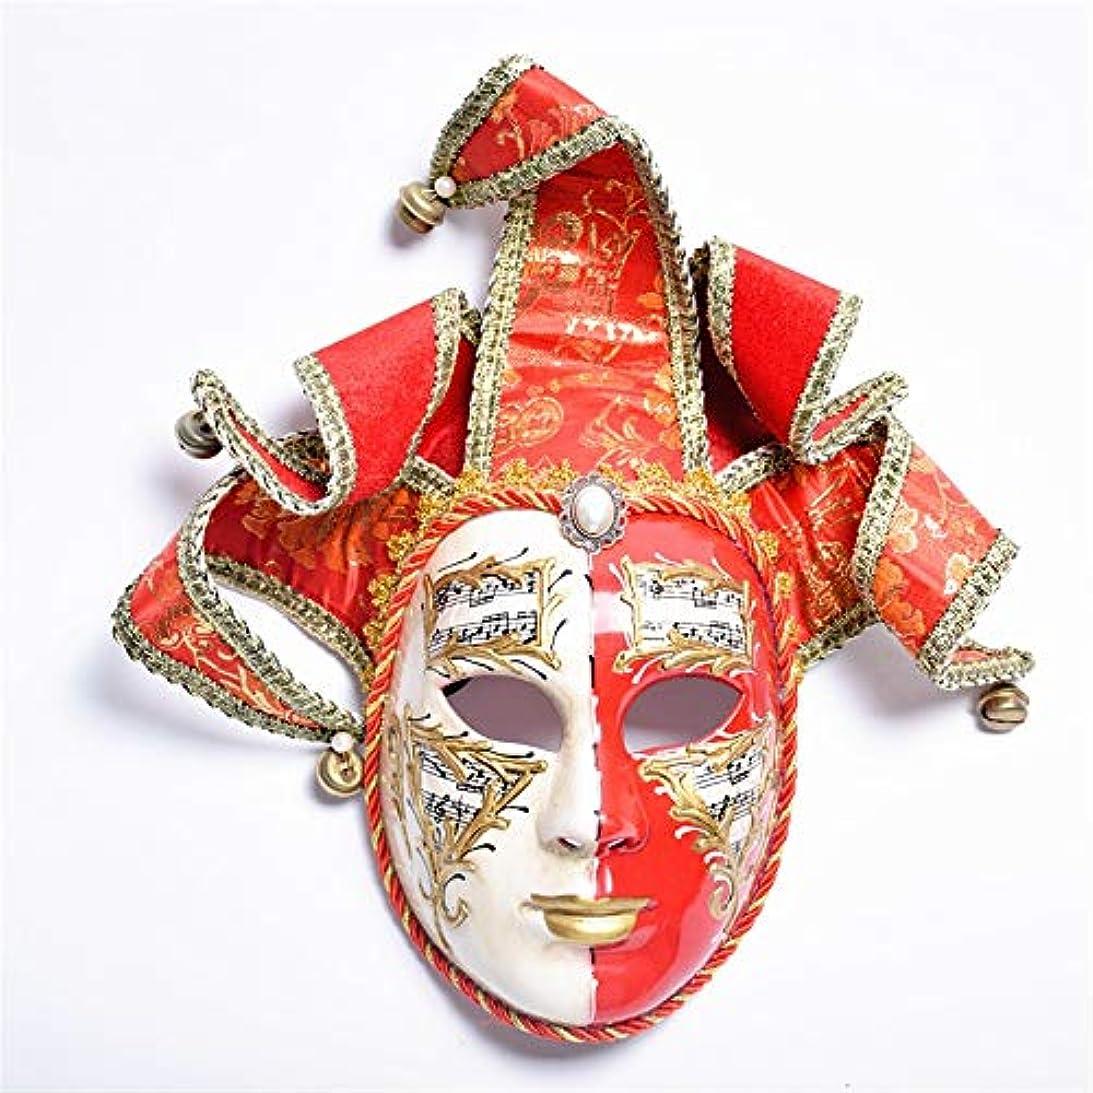 アンティーク逸話余暇ダンスマスク レッドゴールドマスク女性仮装パーティーナイトクラブロールプレイング装飾プラスチックマスク ホリデーパーティー用品 (色 : Red+Gold, サイズ : 33x31cm)